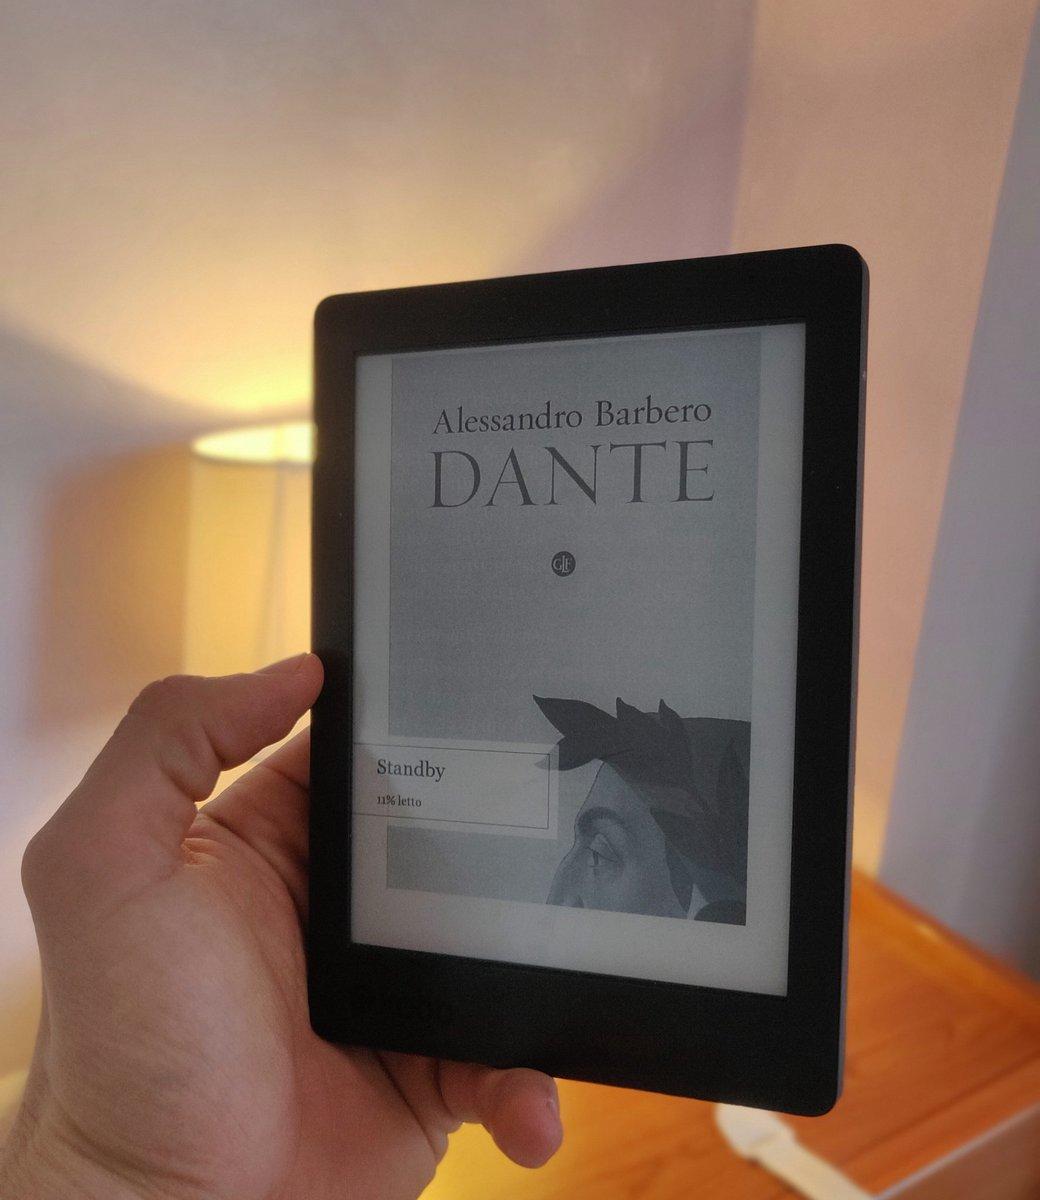 #Dante